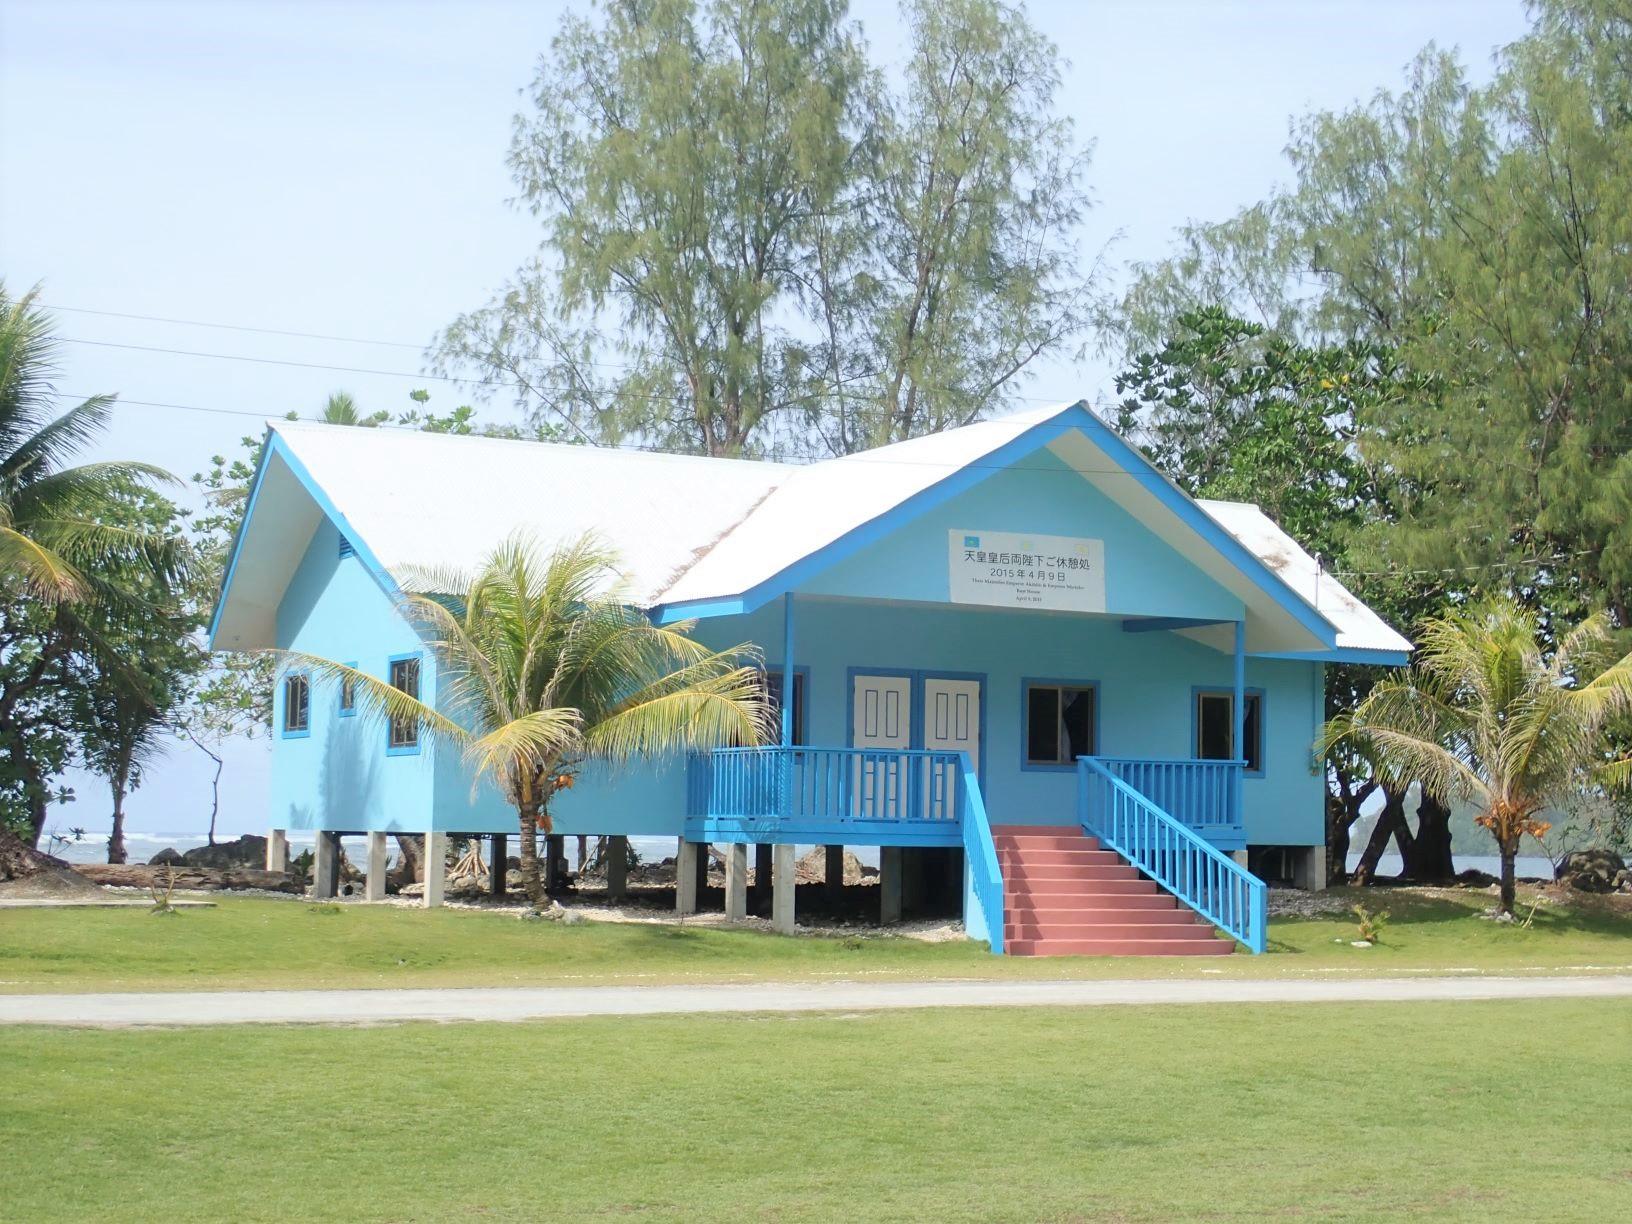 ペリュリュー島の上皇后陛下休憩所